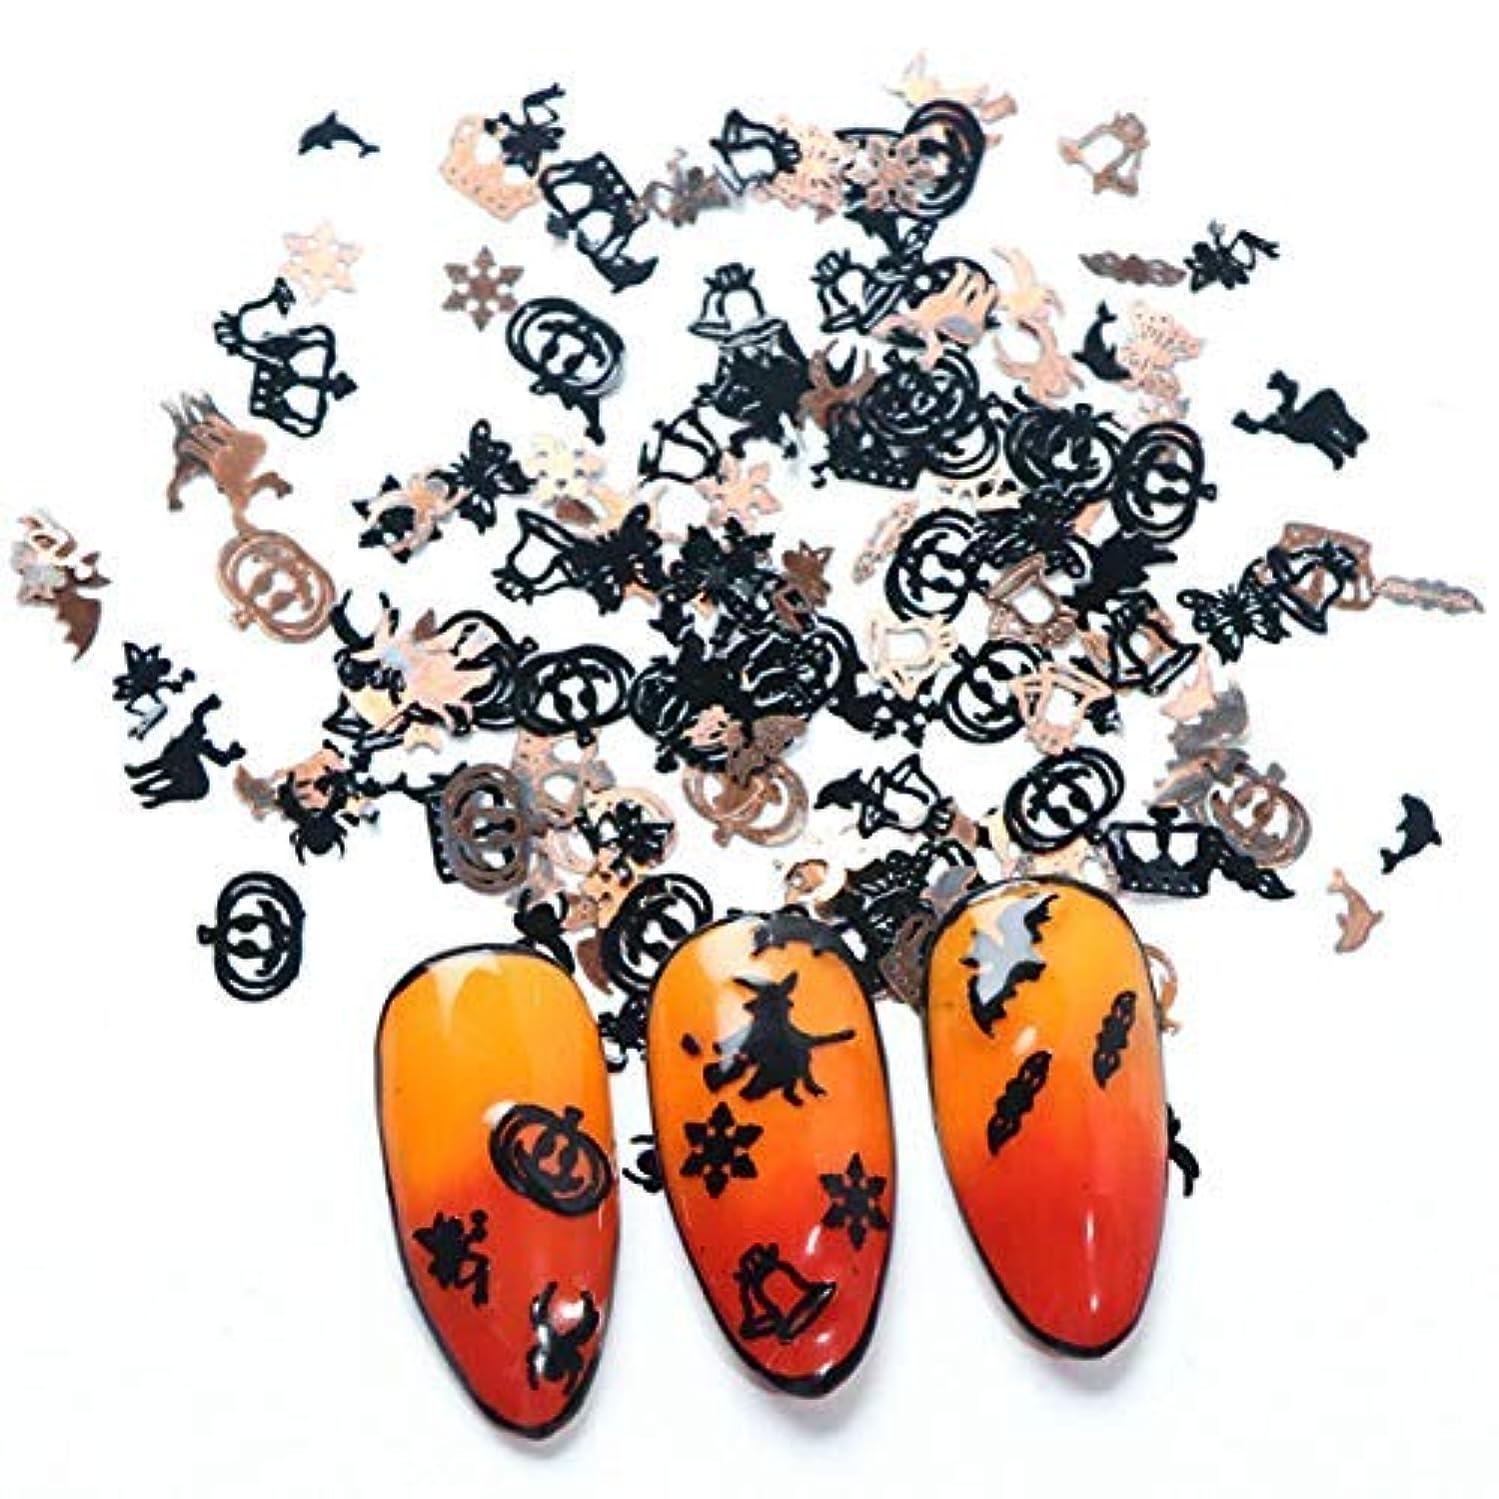 中級ケーブルカー逸話ハロウィーンのテーマネイルアートフレークネイルアートスパンコールネイルアートデコレーション魔女コウモリカボチャゴールド/ブラックカラー